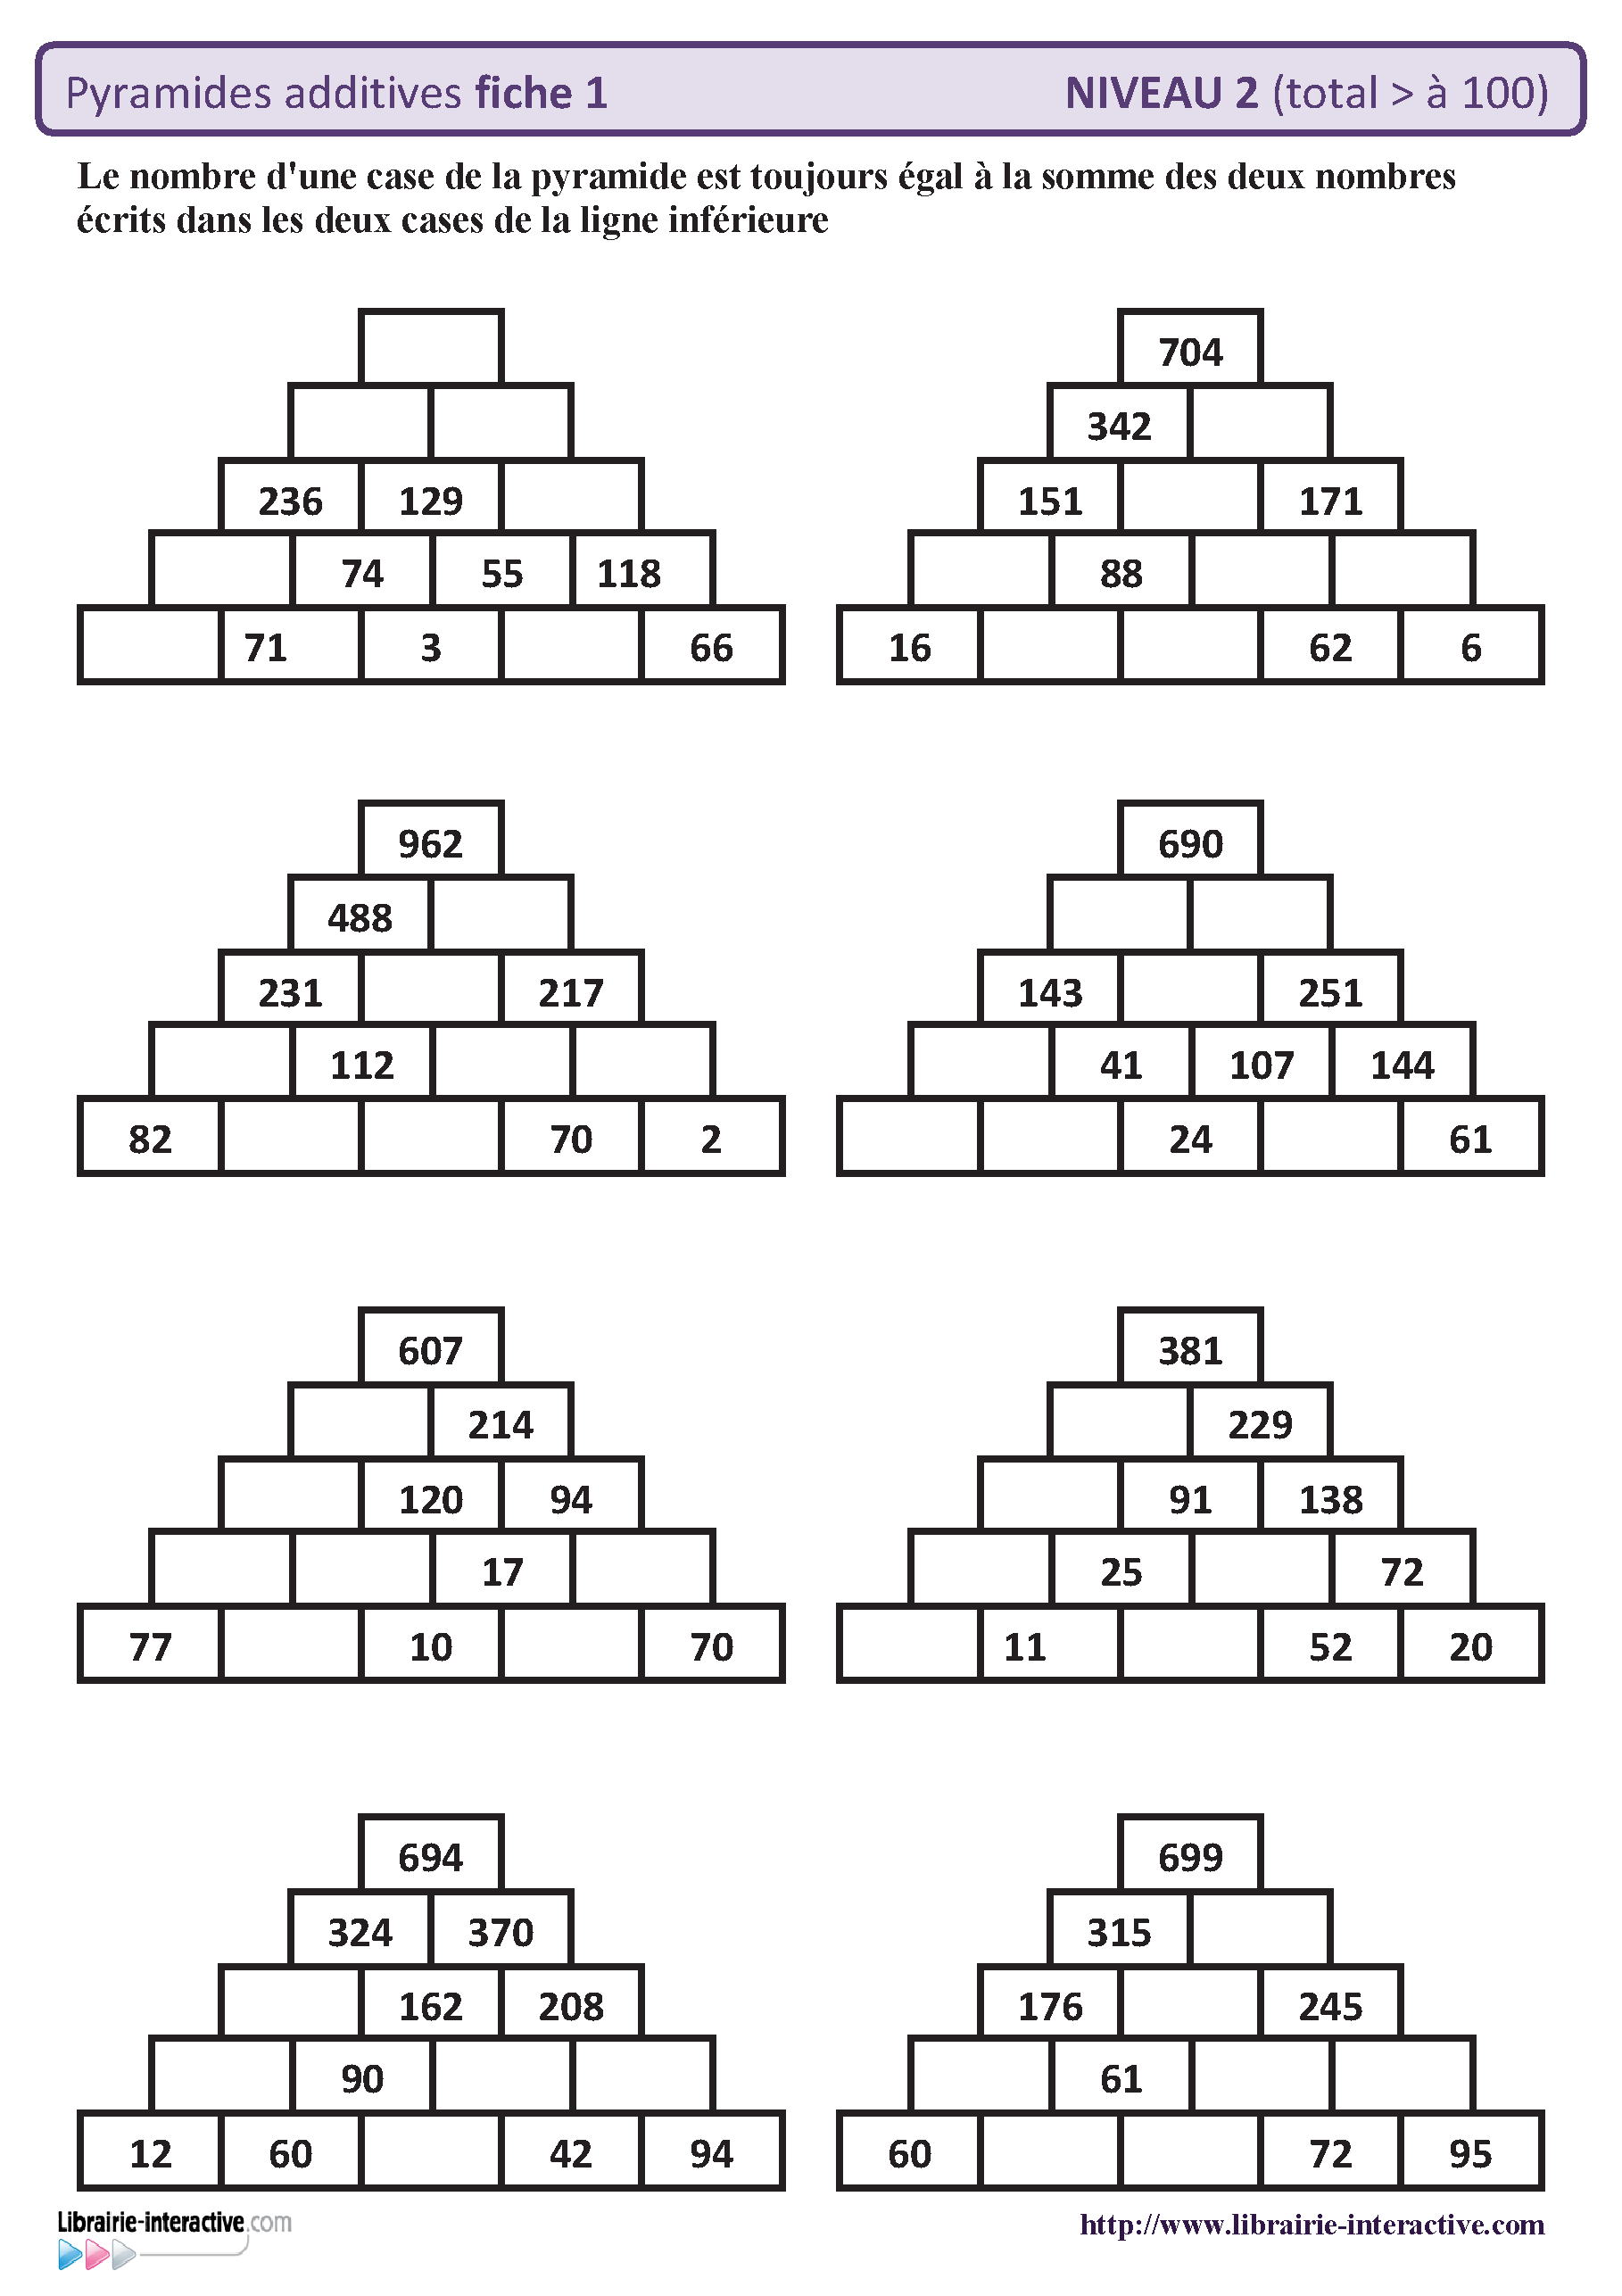 10 fiches autocorrectives avec des pyramides additives de niveau 2 r sultat sup rieur 100. Black Bedroom Furniture Sets. Home Design Ideas